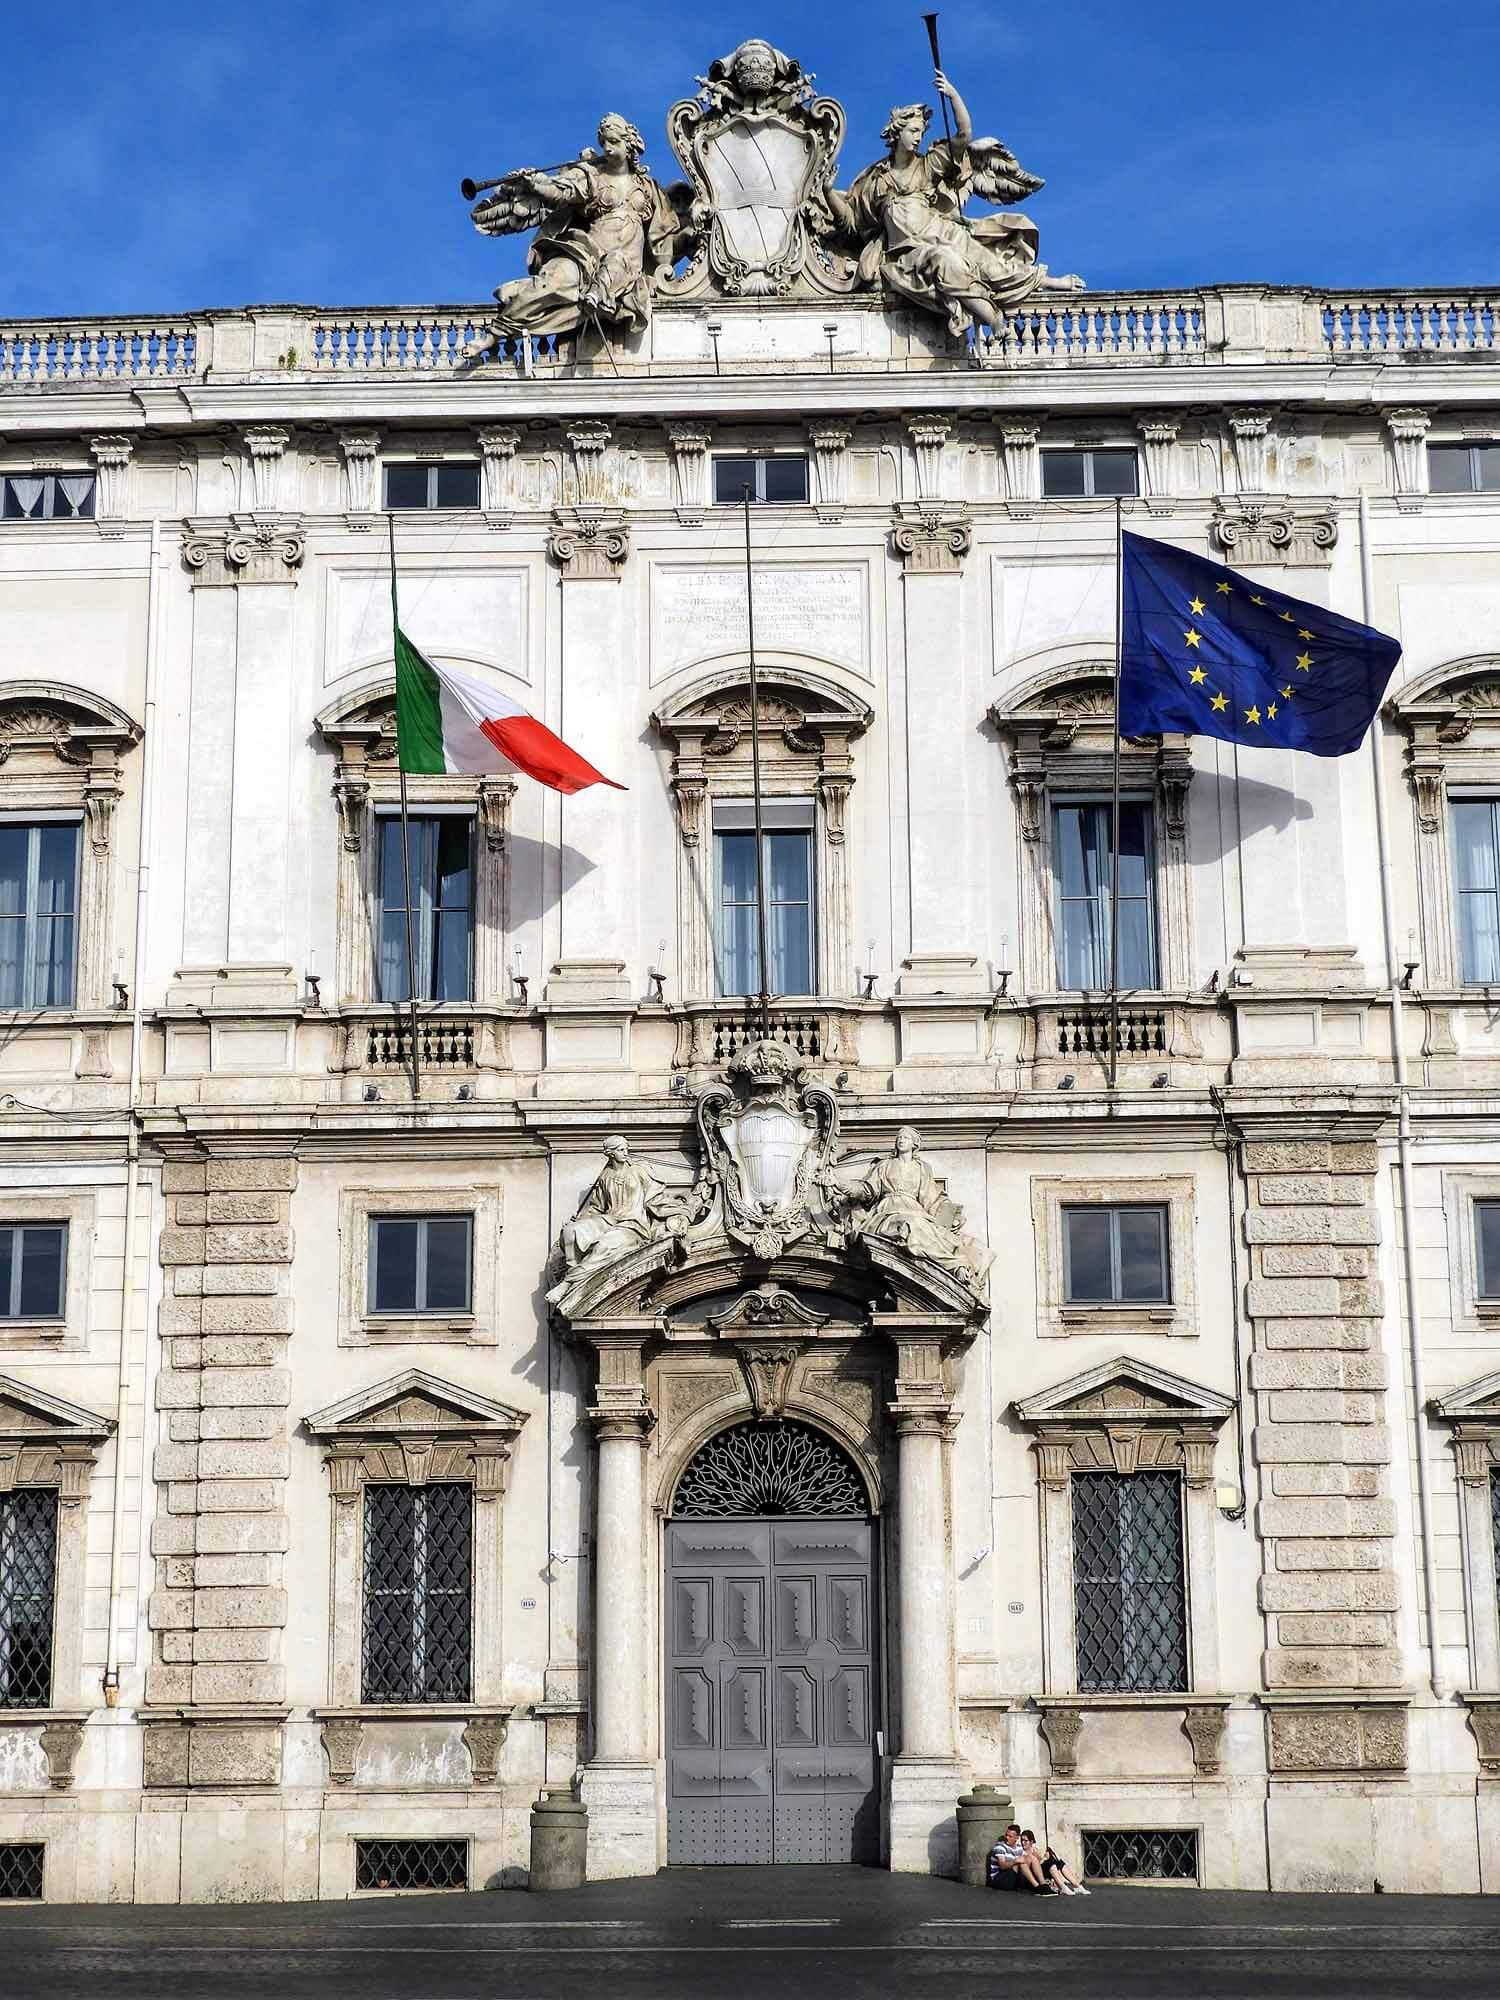 italy-italia-rome-quirinal-palace-palazzo-del-quirinale.jpg